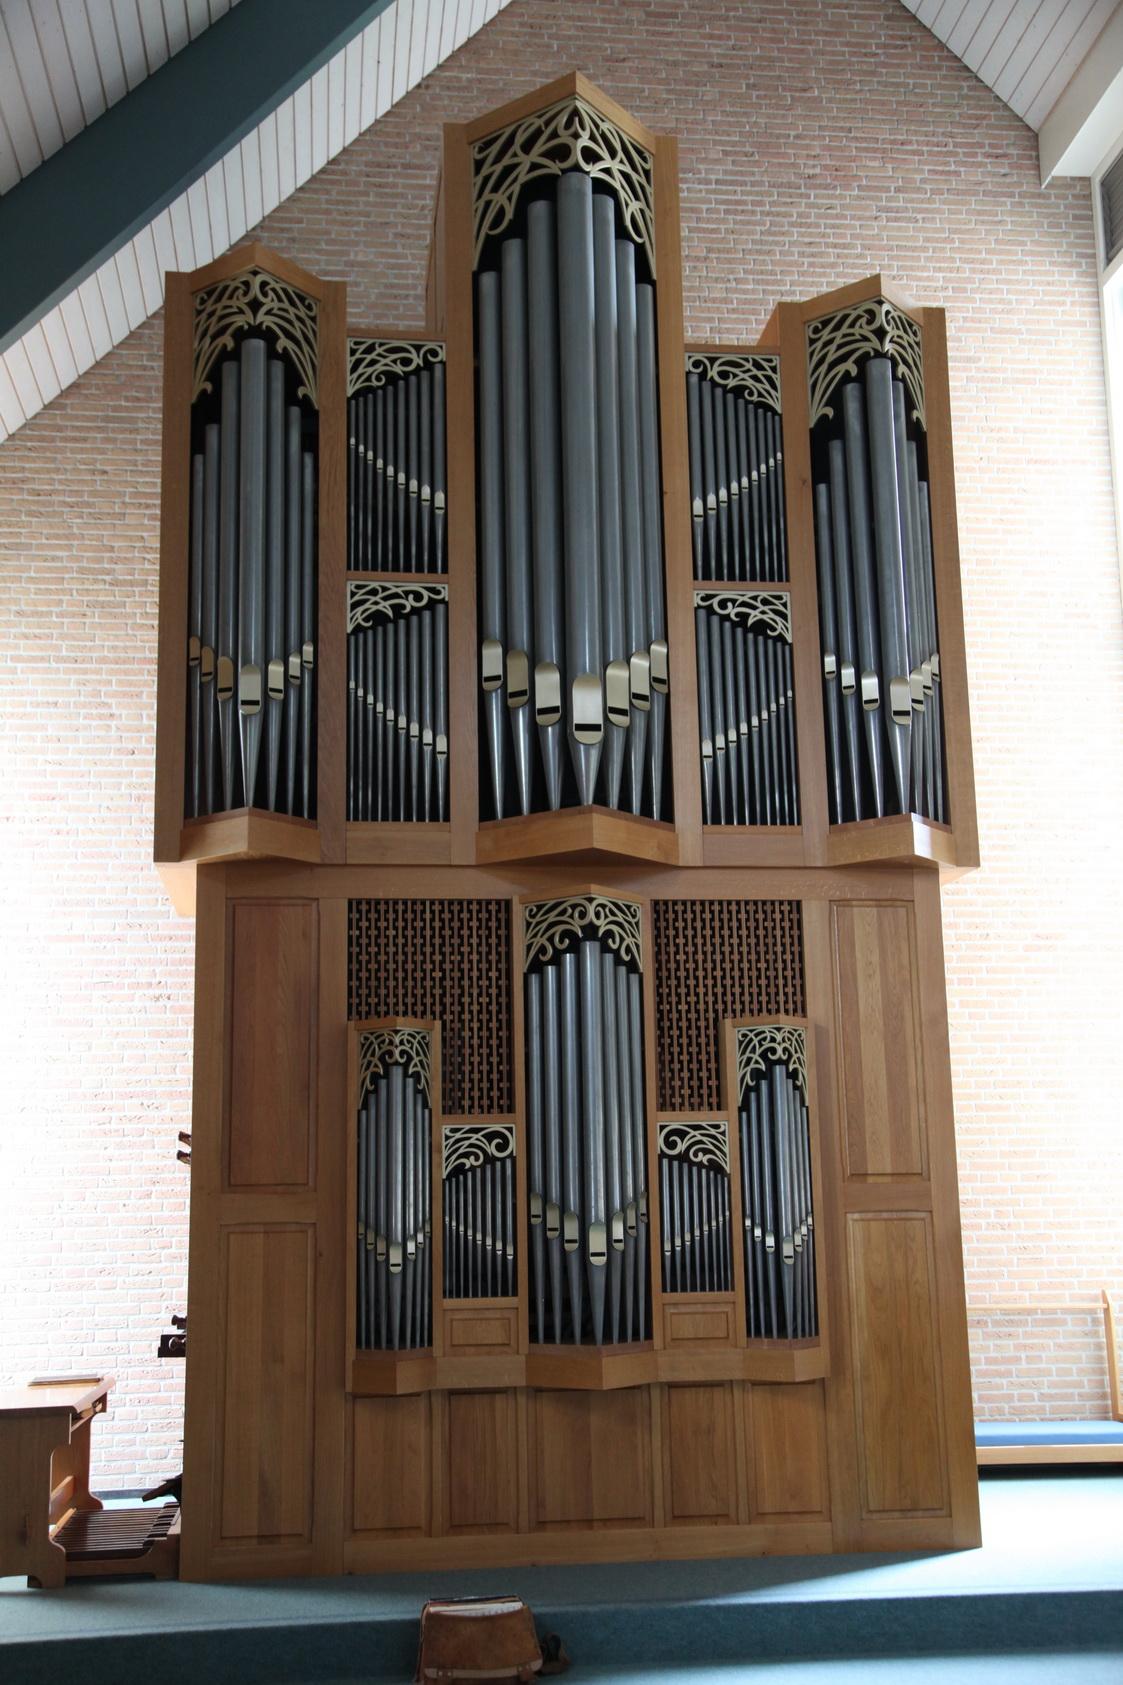 Het Sanders/ Spit-orgel in de Beth-El Kerk van de Hersteld Hervormde gemeente in Vriiezenveen